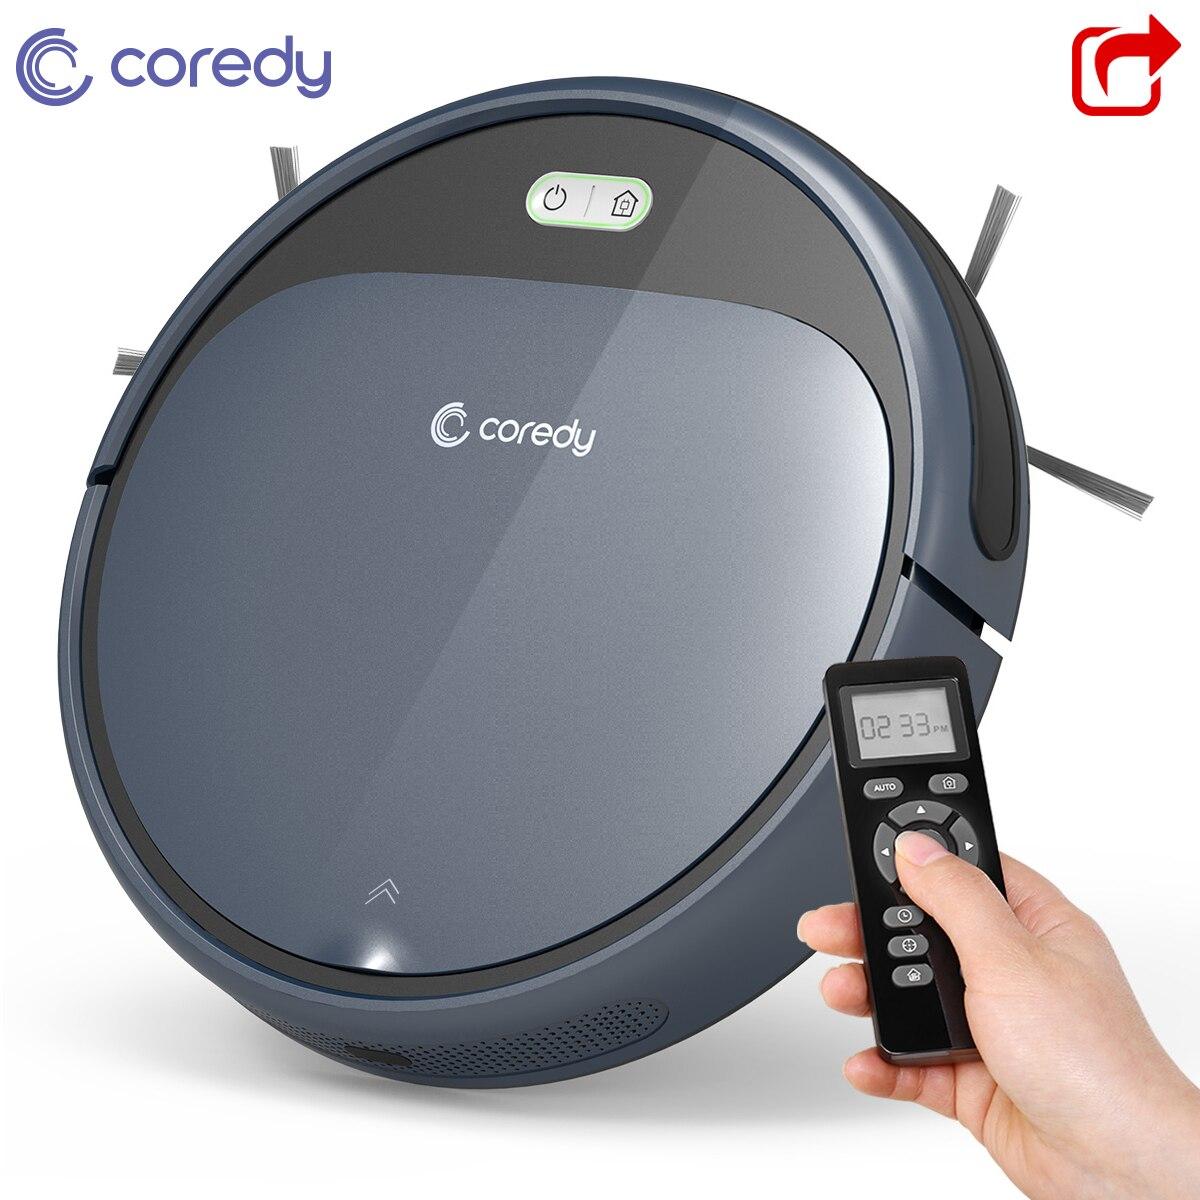 Coredy R300 1400PA Smart Home Clean Robot nettoyeur automatique poussière sans fil aspirateur de sol tapis de nettoyage aspirateur de po